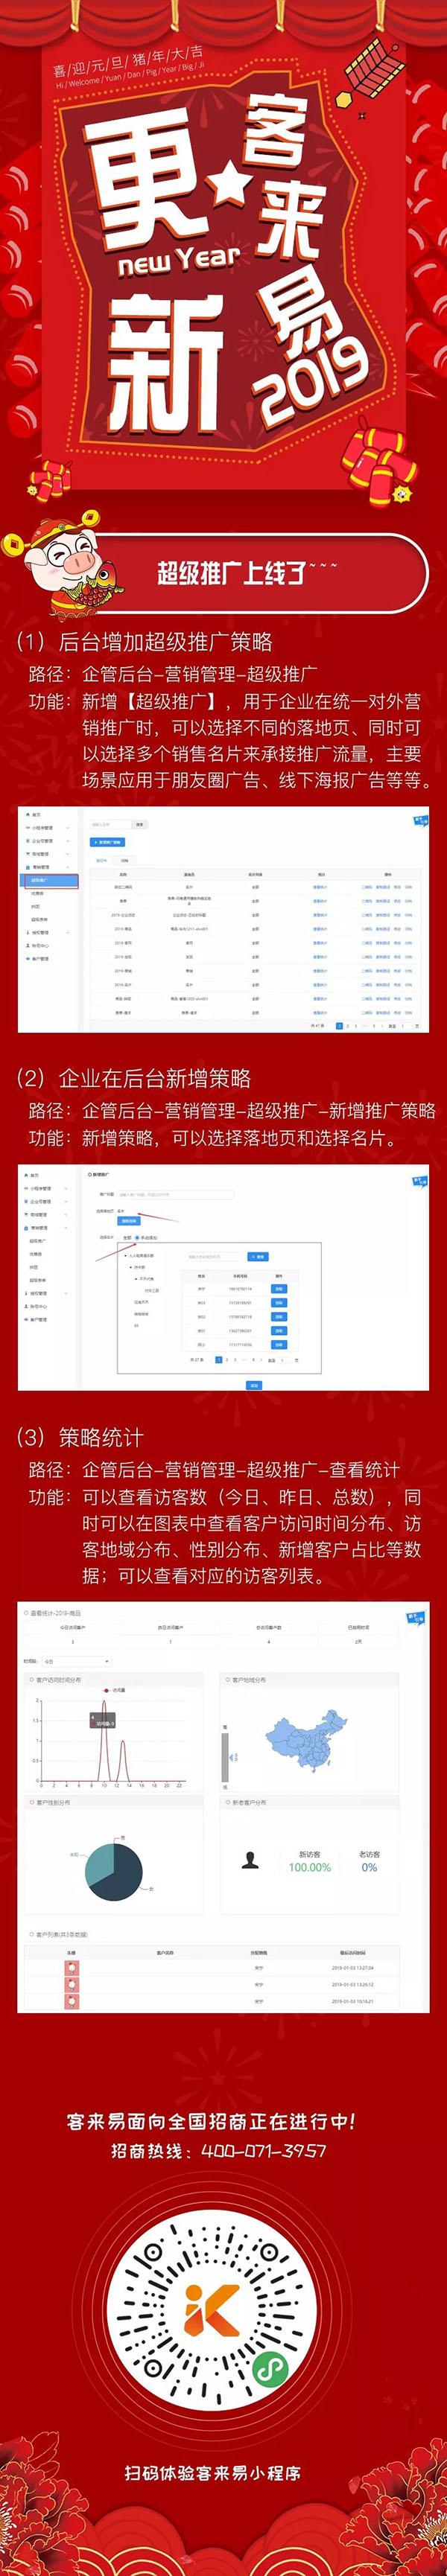 【客来易】智能名片小平博客户端更新——上线超级推广功能_客来易